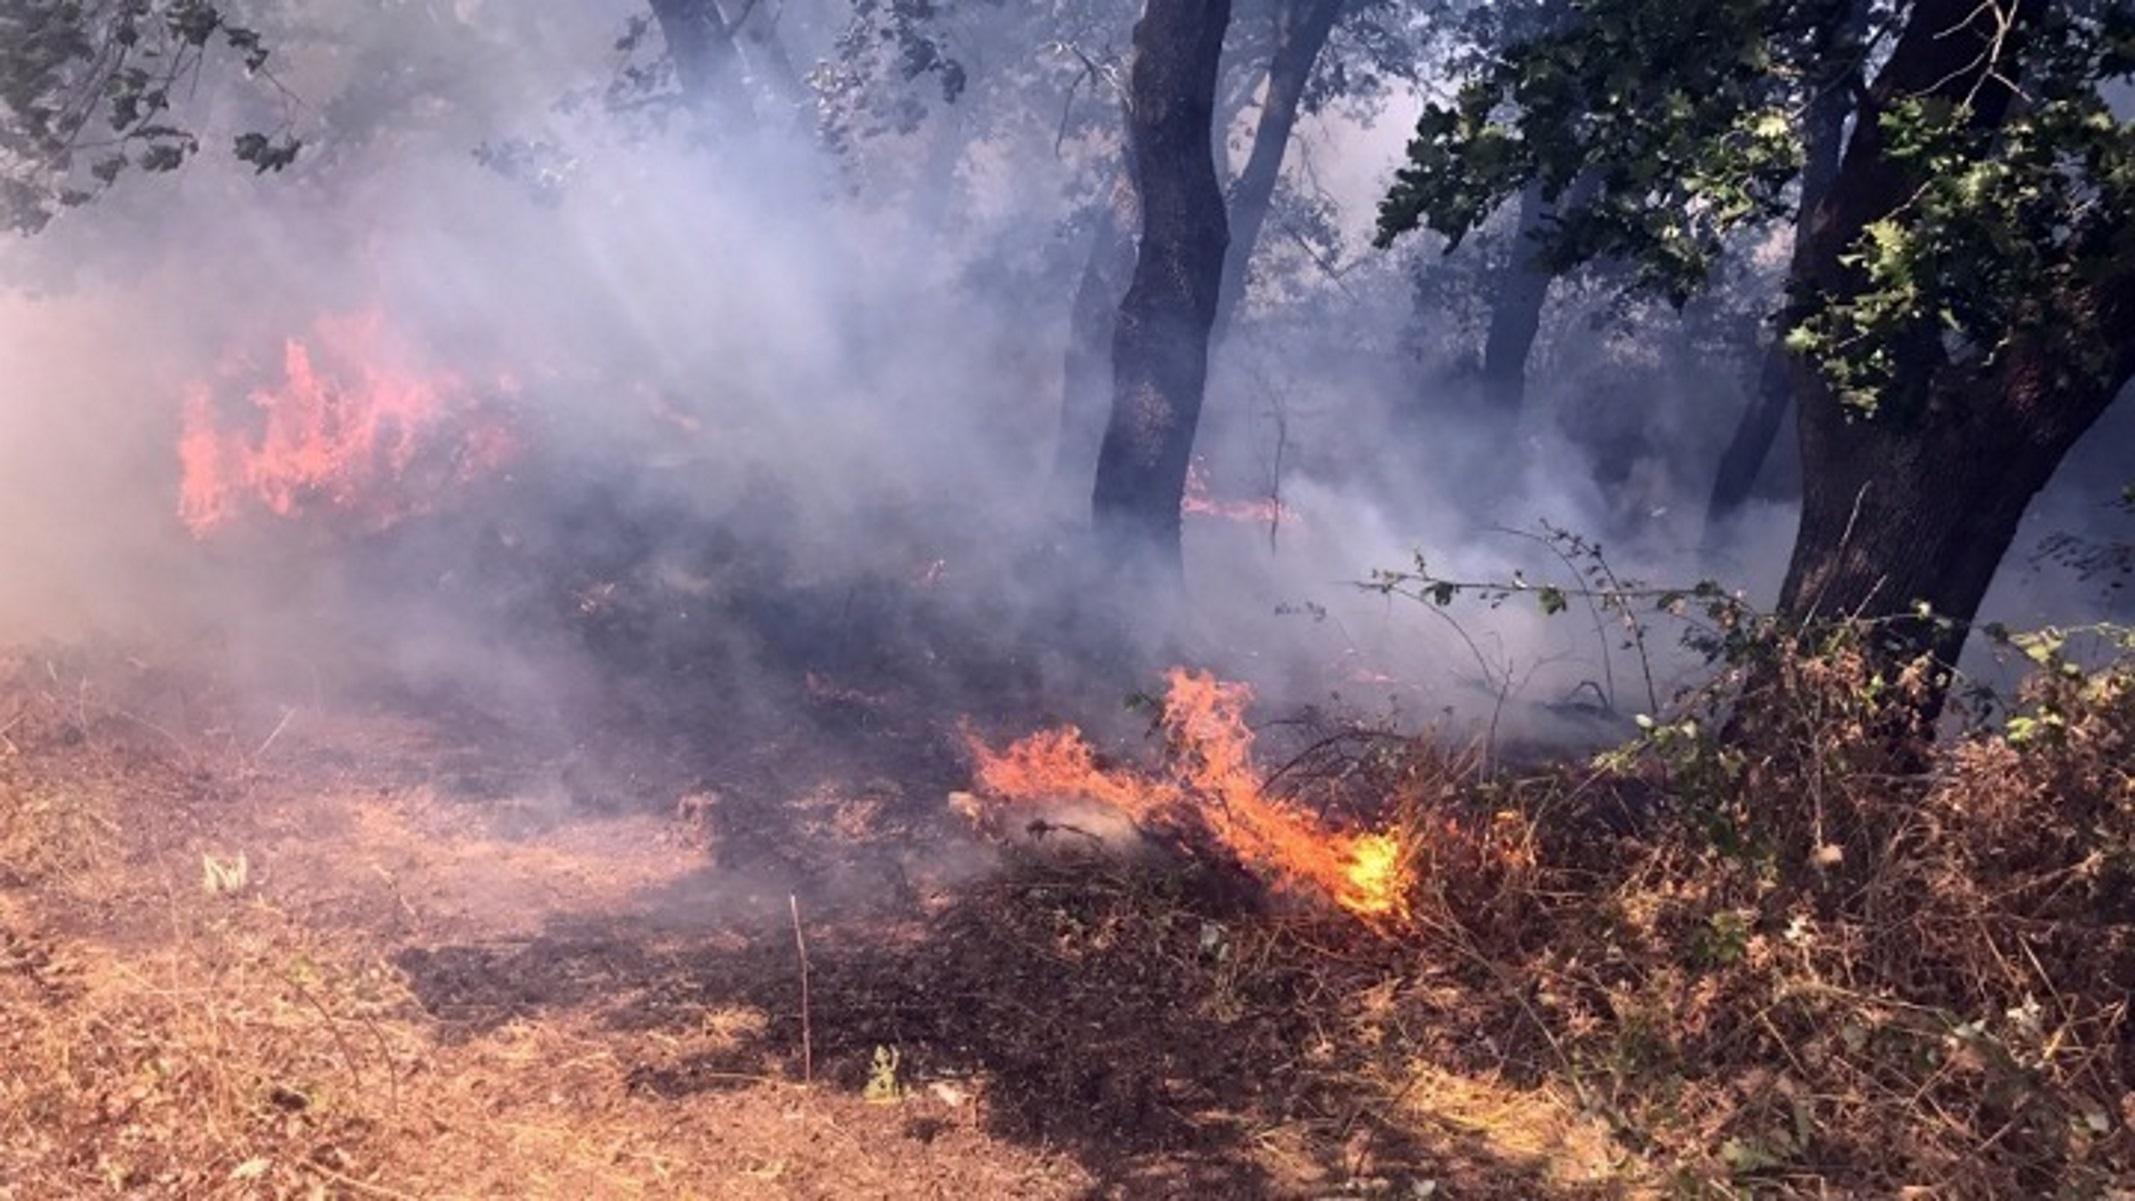 Φωτιά: Πολύ υψηλός κίνδυνος πυρκαγιάς σε τέσσερις περιφέρειες